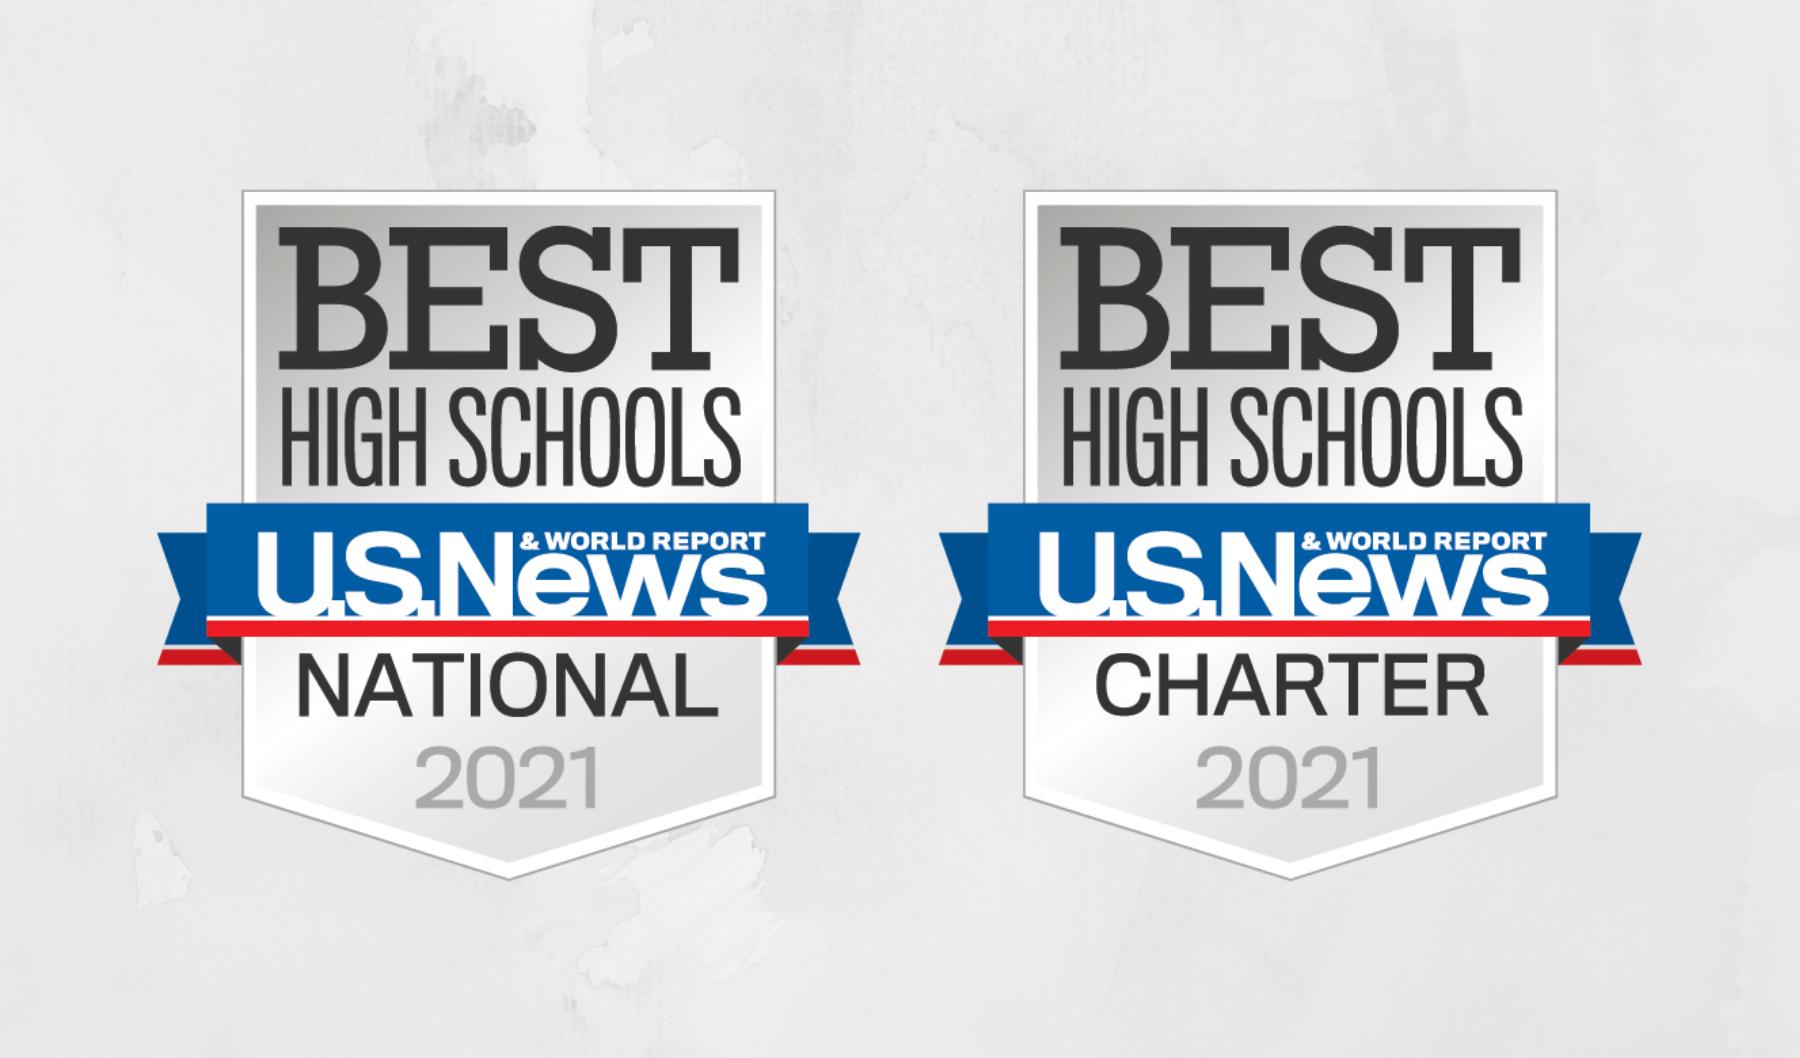 Best High Schools badges